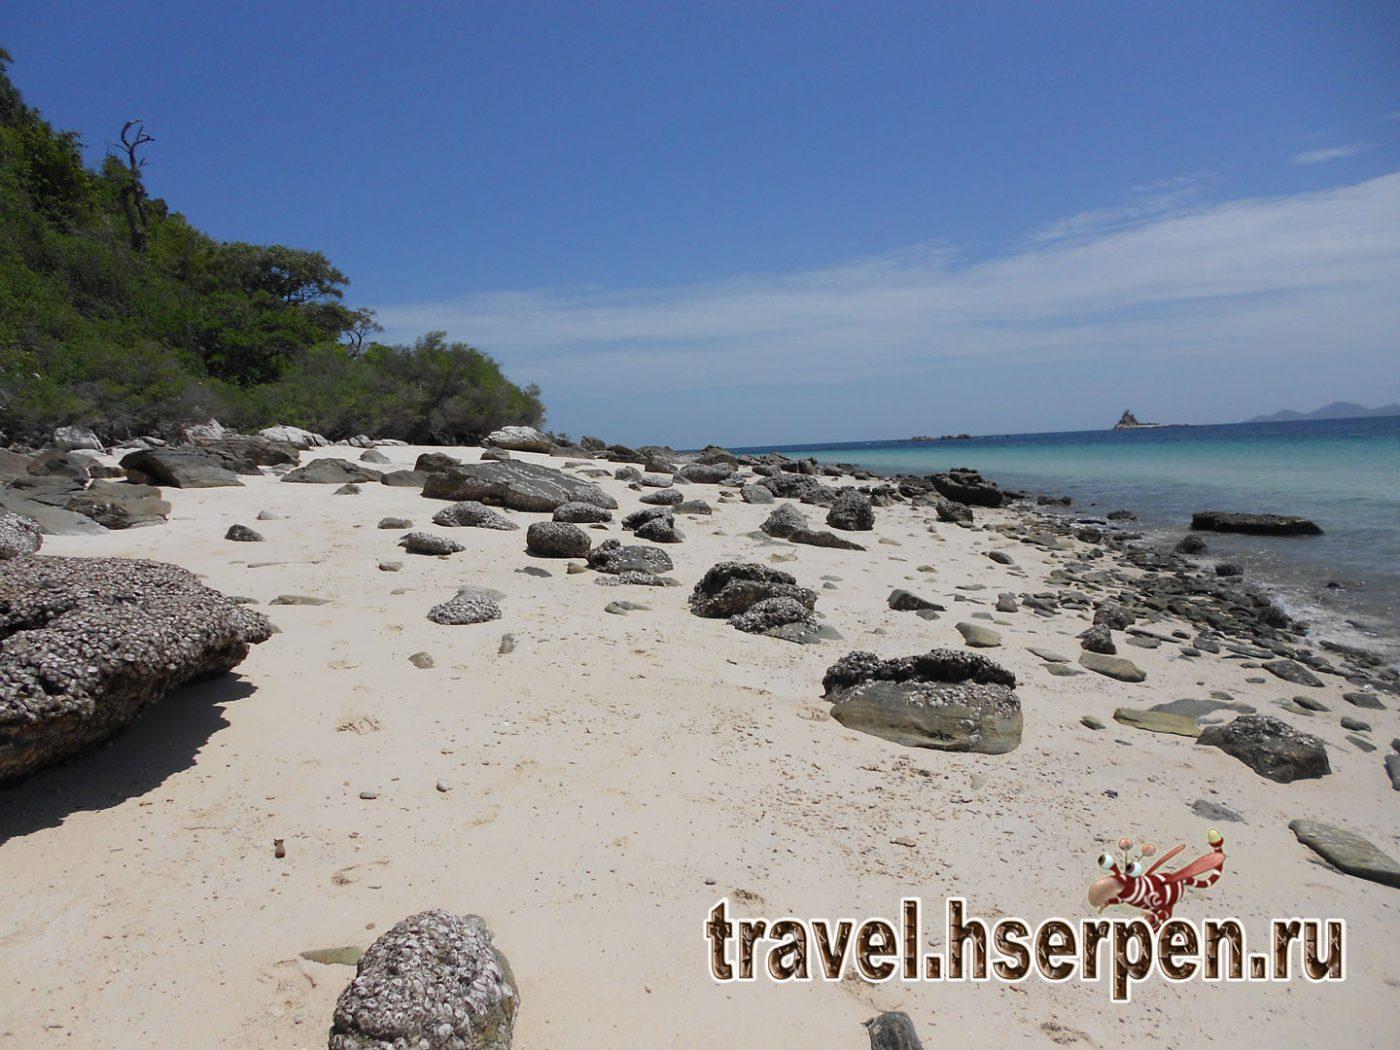 Фото дня: Пляж на острове Ko Phai, Сиамский залив возле Паттайи, Таиланд